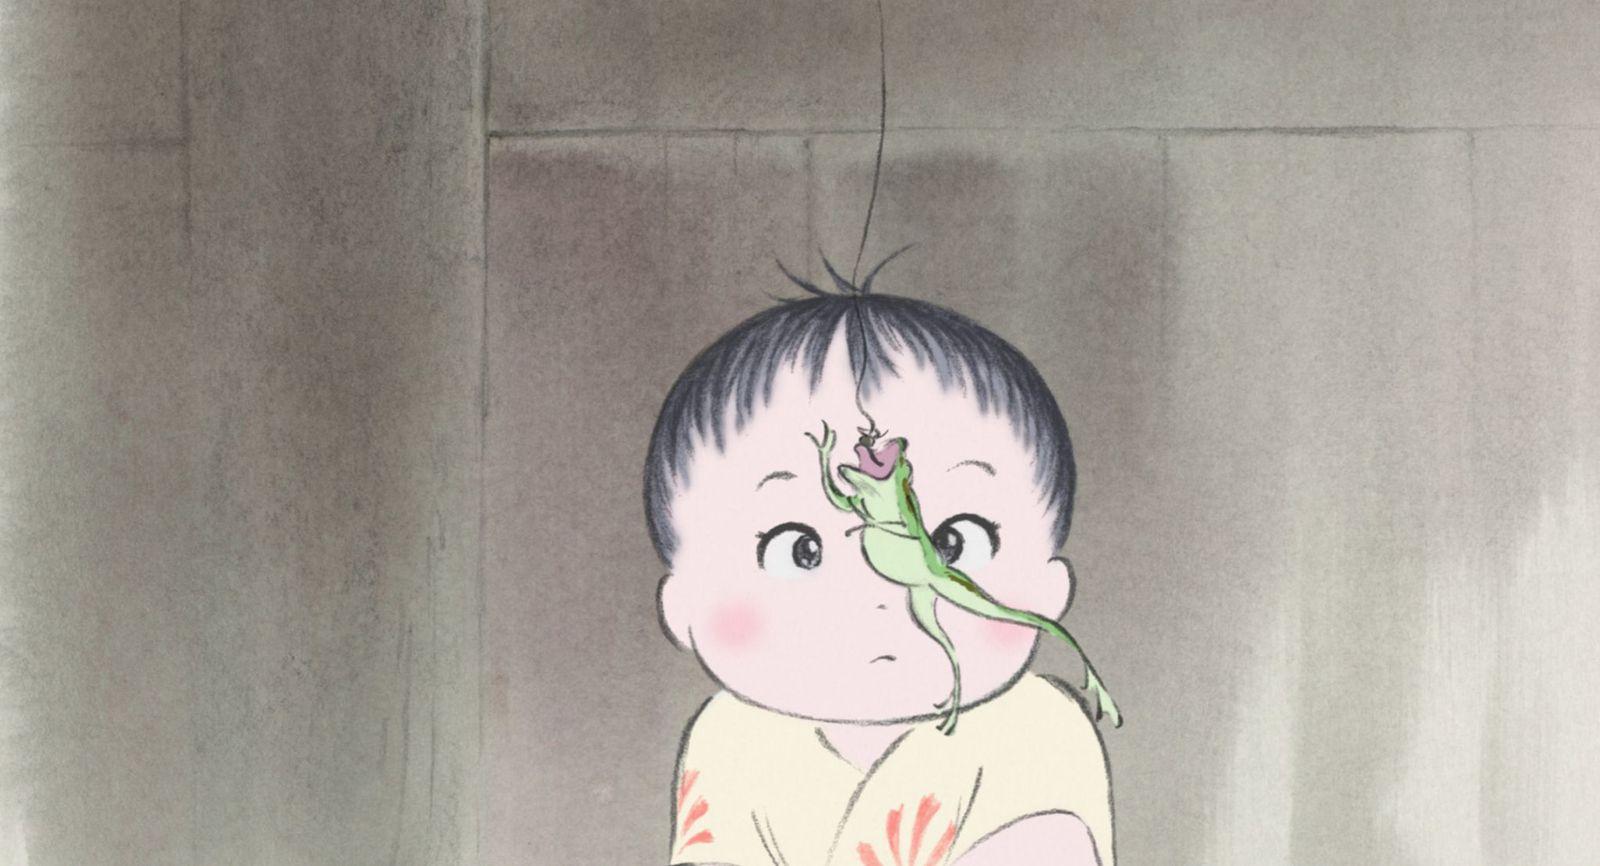 EINMALIGE VERWENDUNG Tageskarte 20.11.14/ Kino/ Die Legende der Prinzessin Kaguya VID